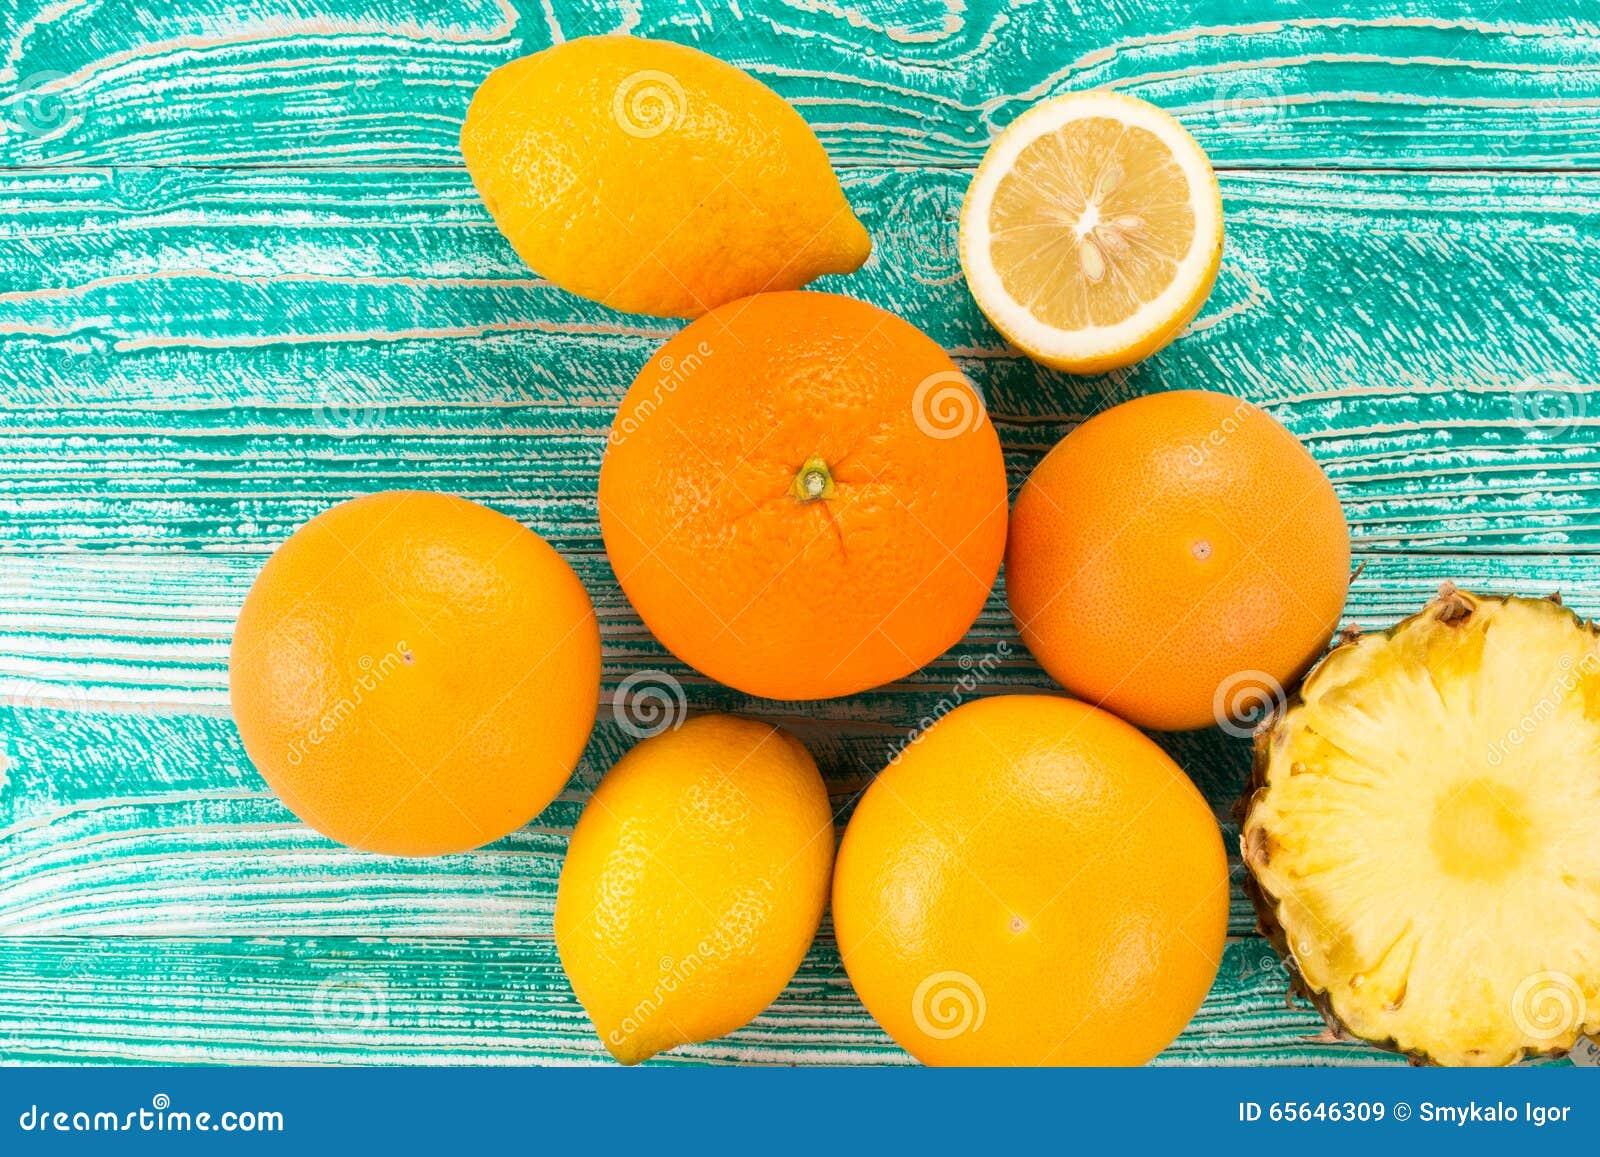 Citrons, oranges et limettes